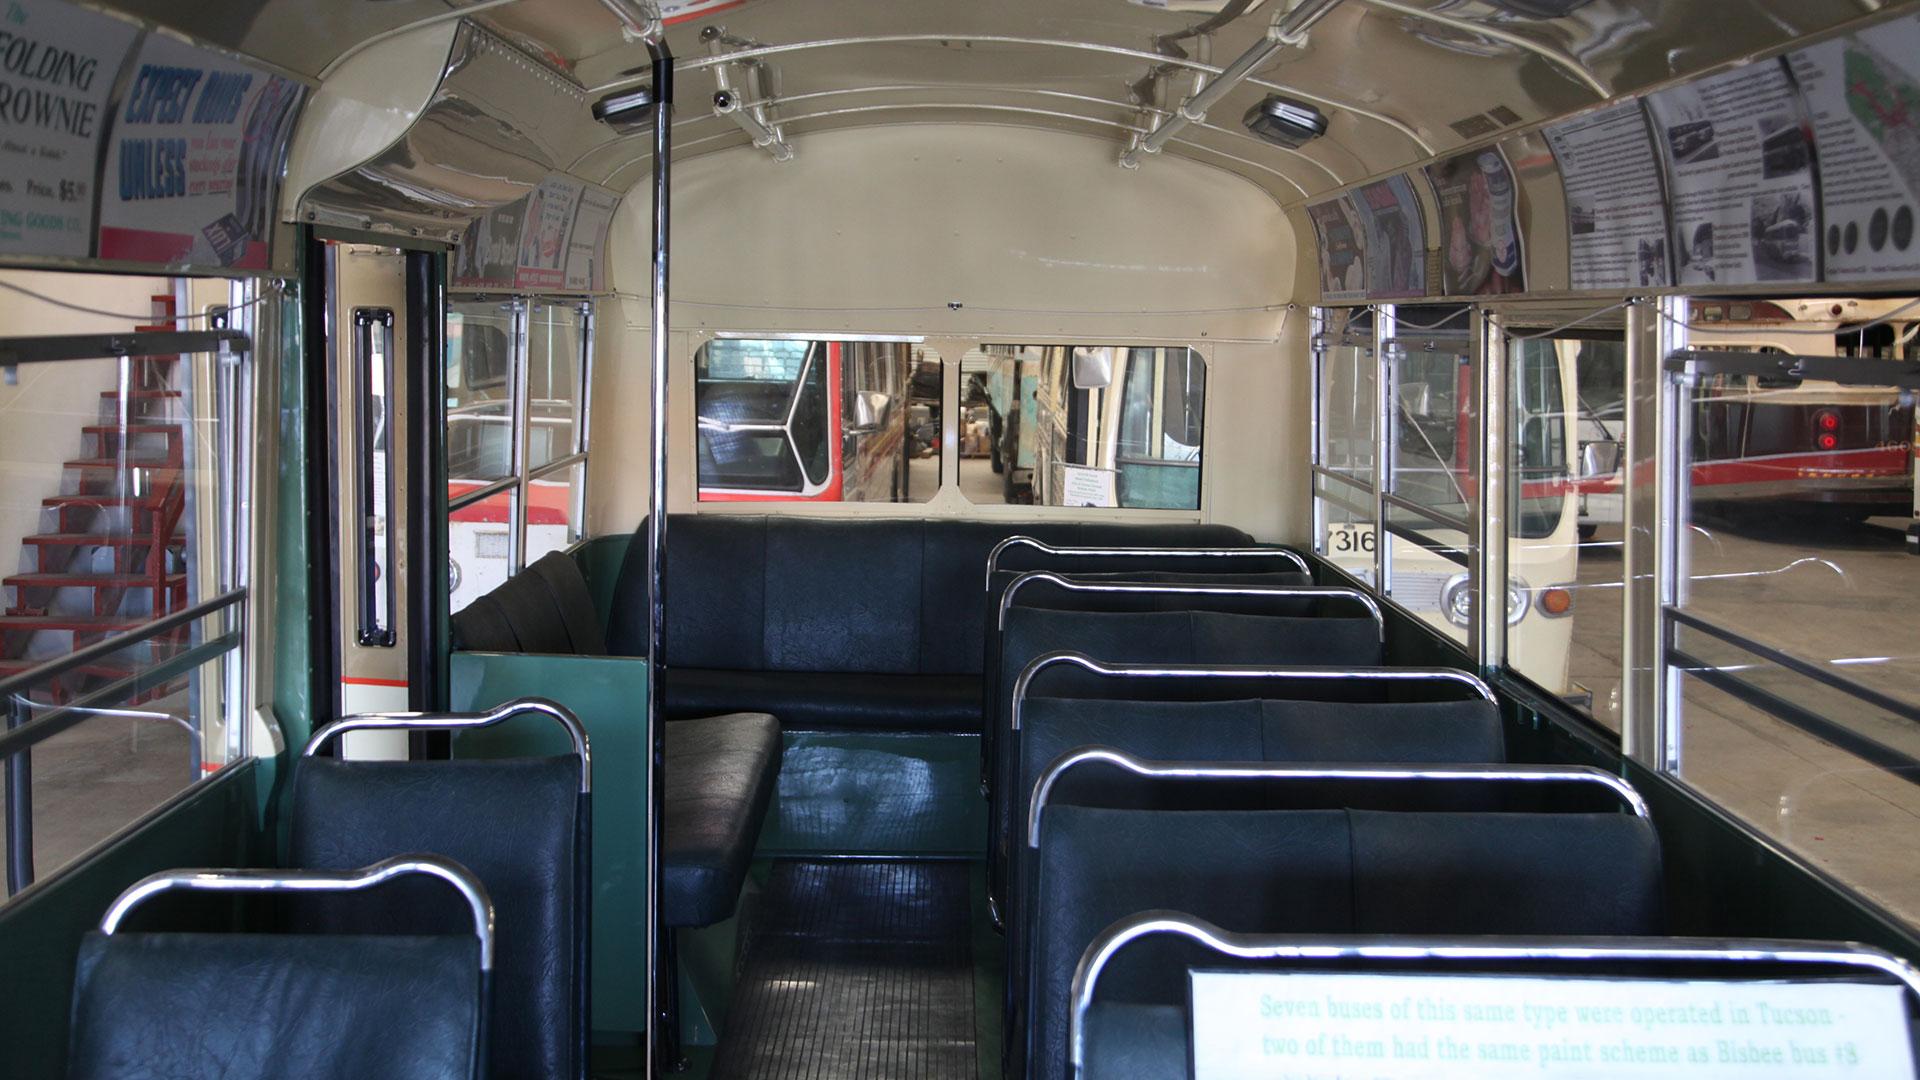 Bisbee bus new seats